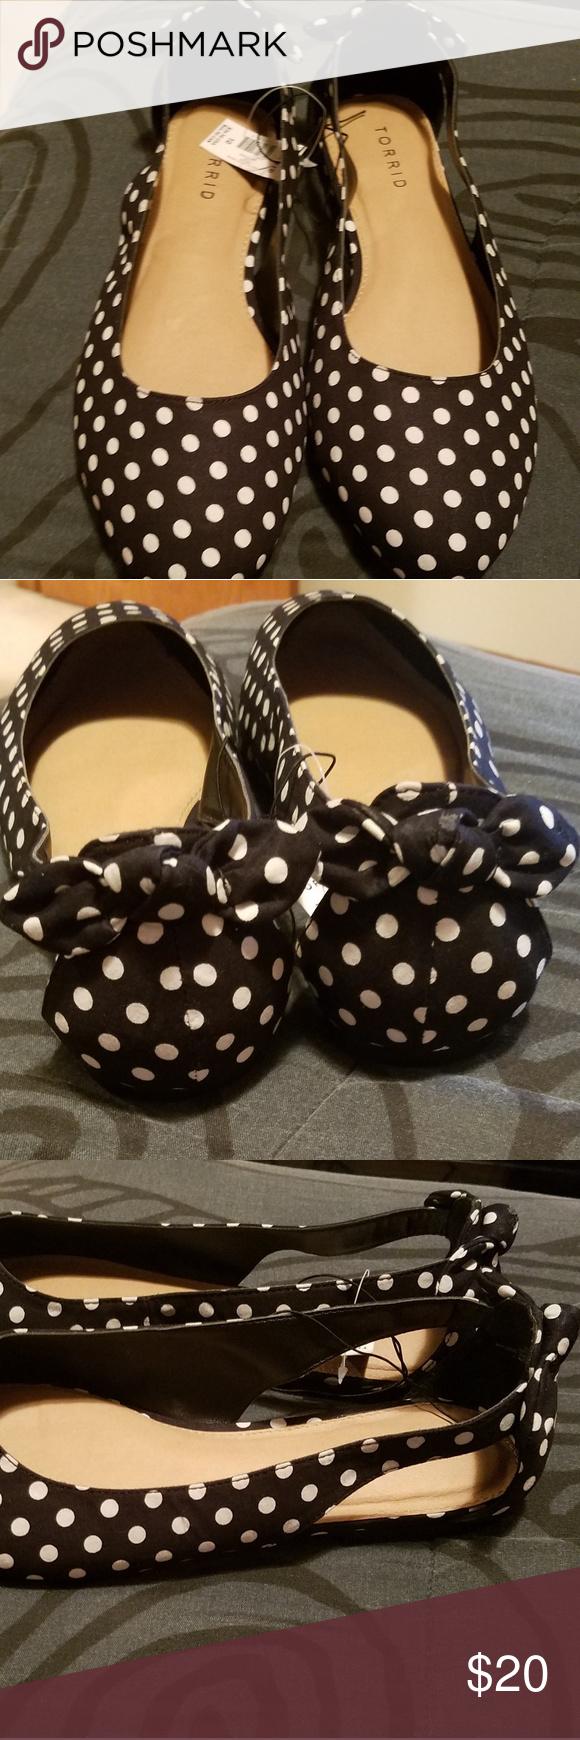 NWT Cute Polka Dot Flats Brand new black and white polka ...